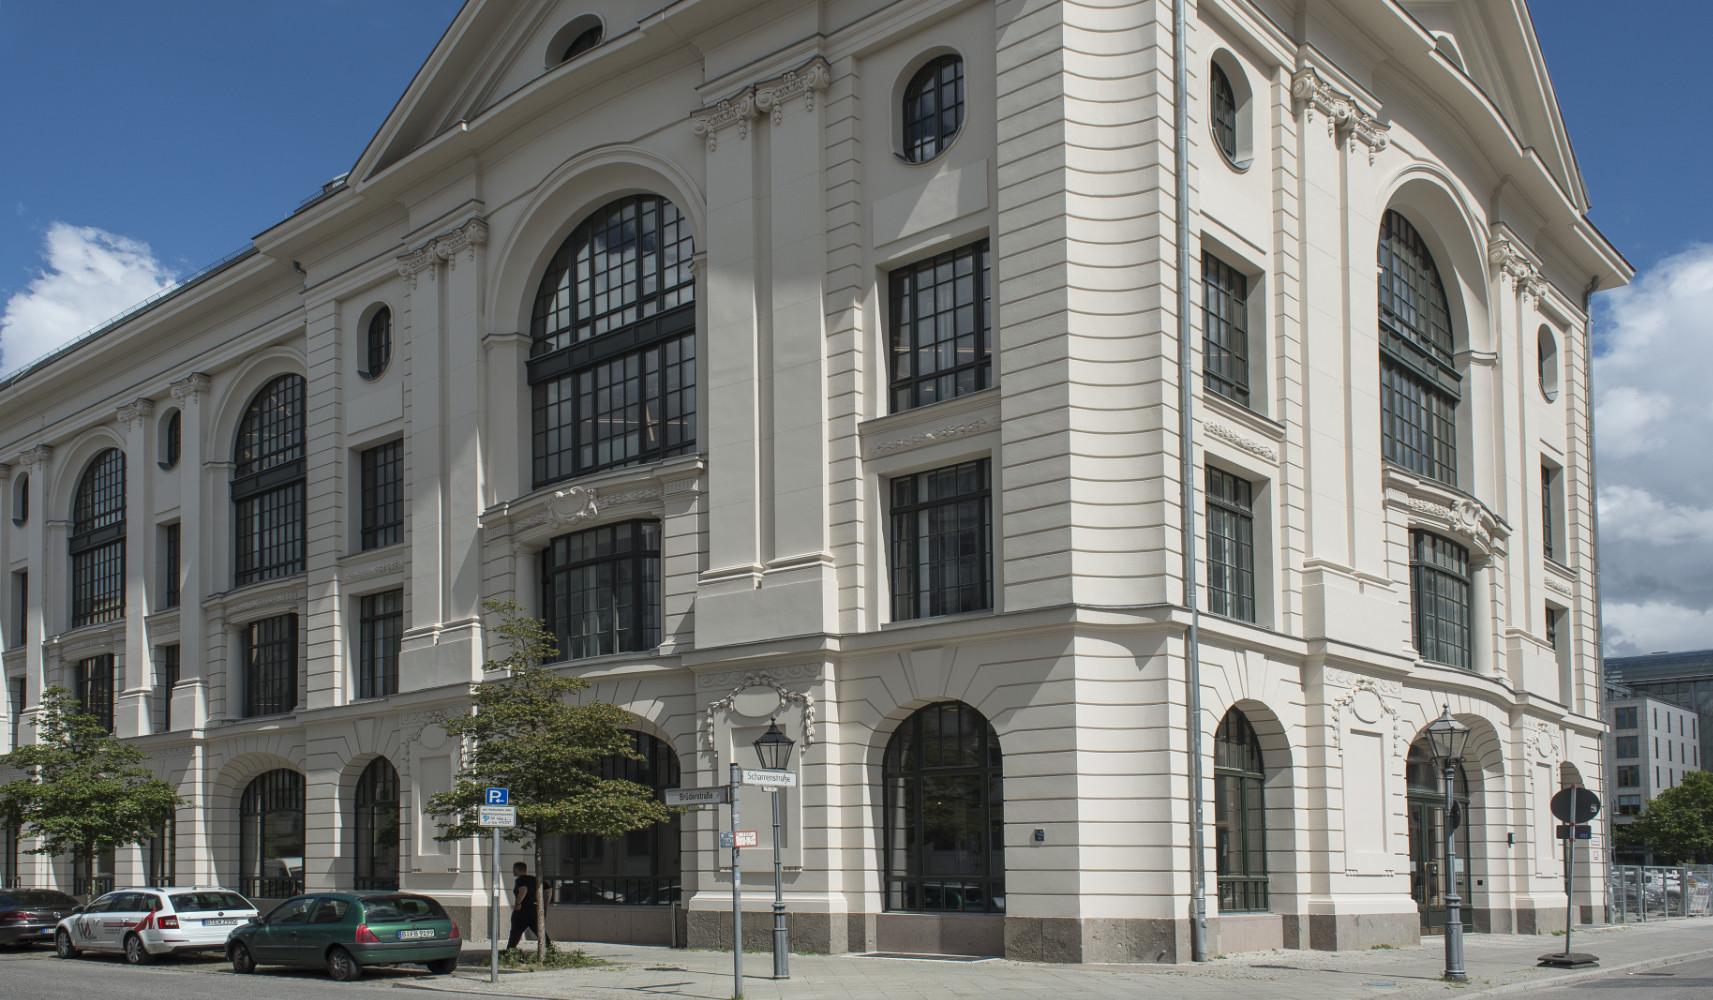 Große Portalfenster und gebogene Elemente